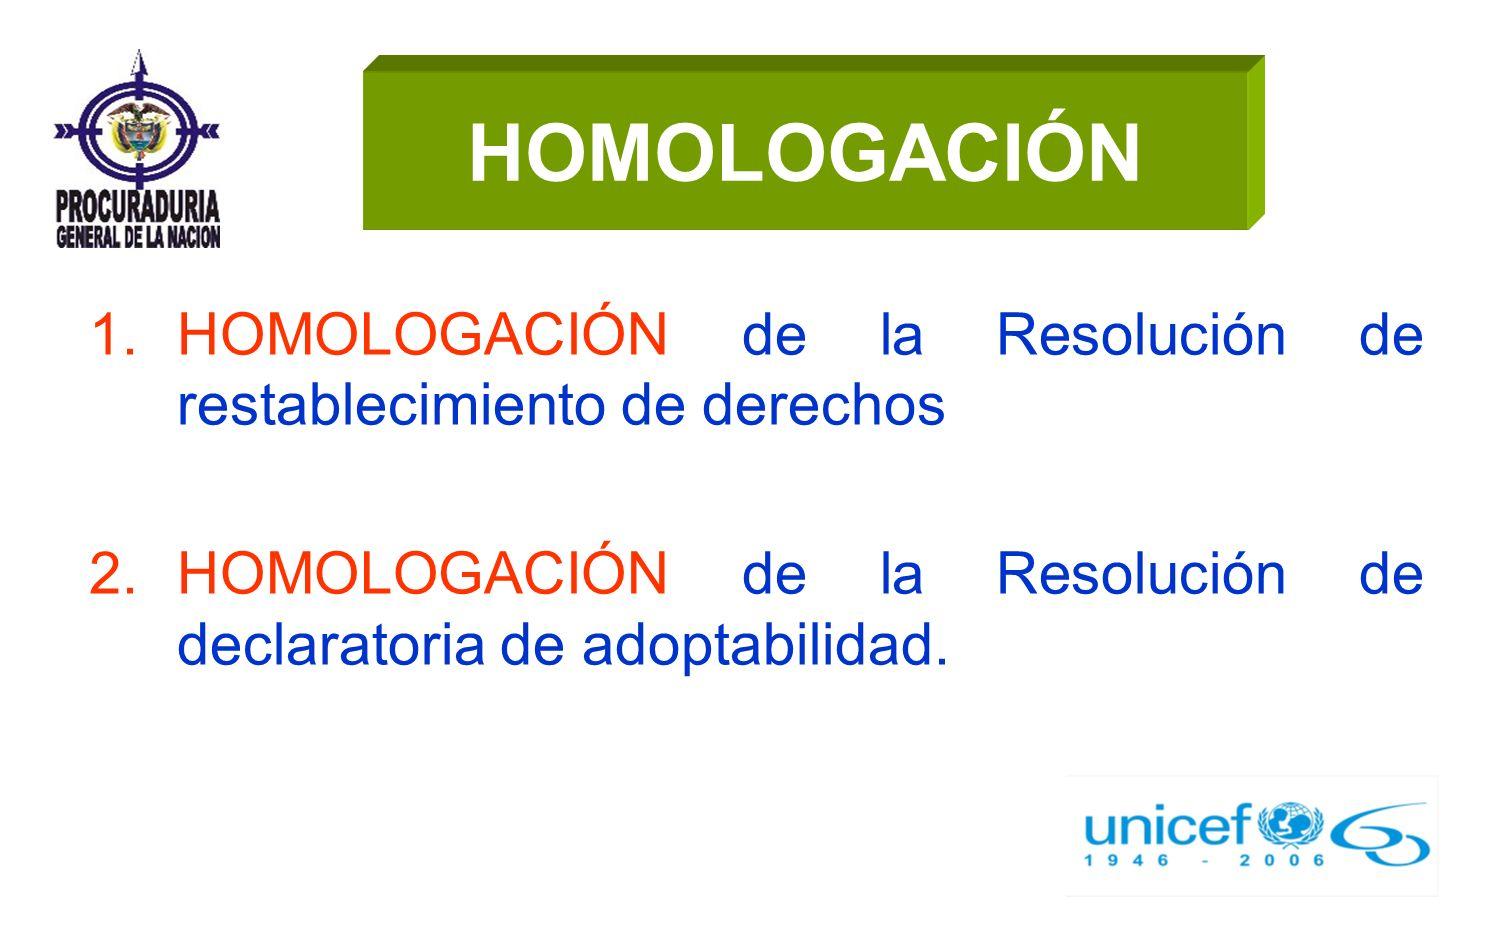 HOMOLOGACIÓN HOMOLOGACIÓN de la Resolución de restablecimiento de derechos.